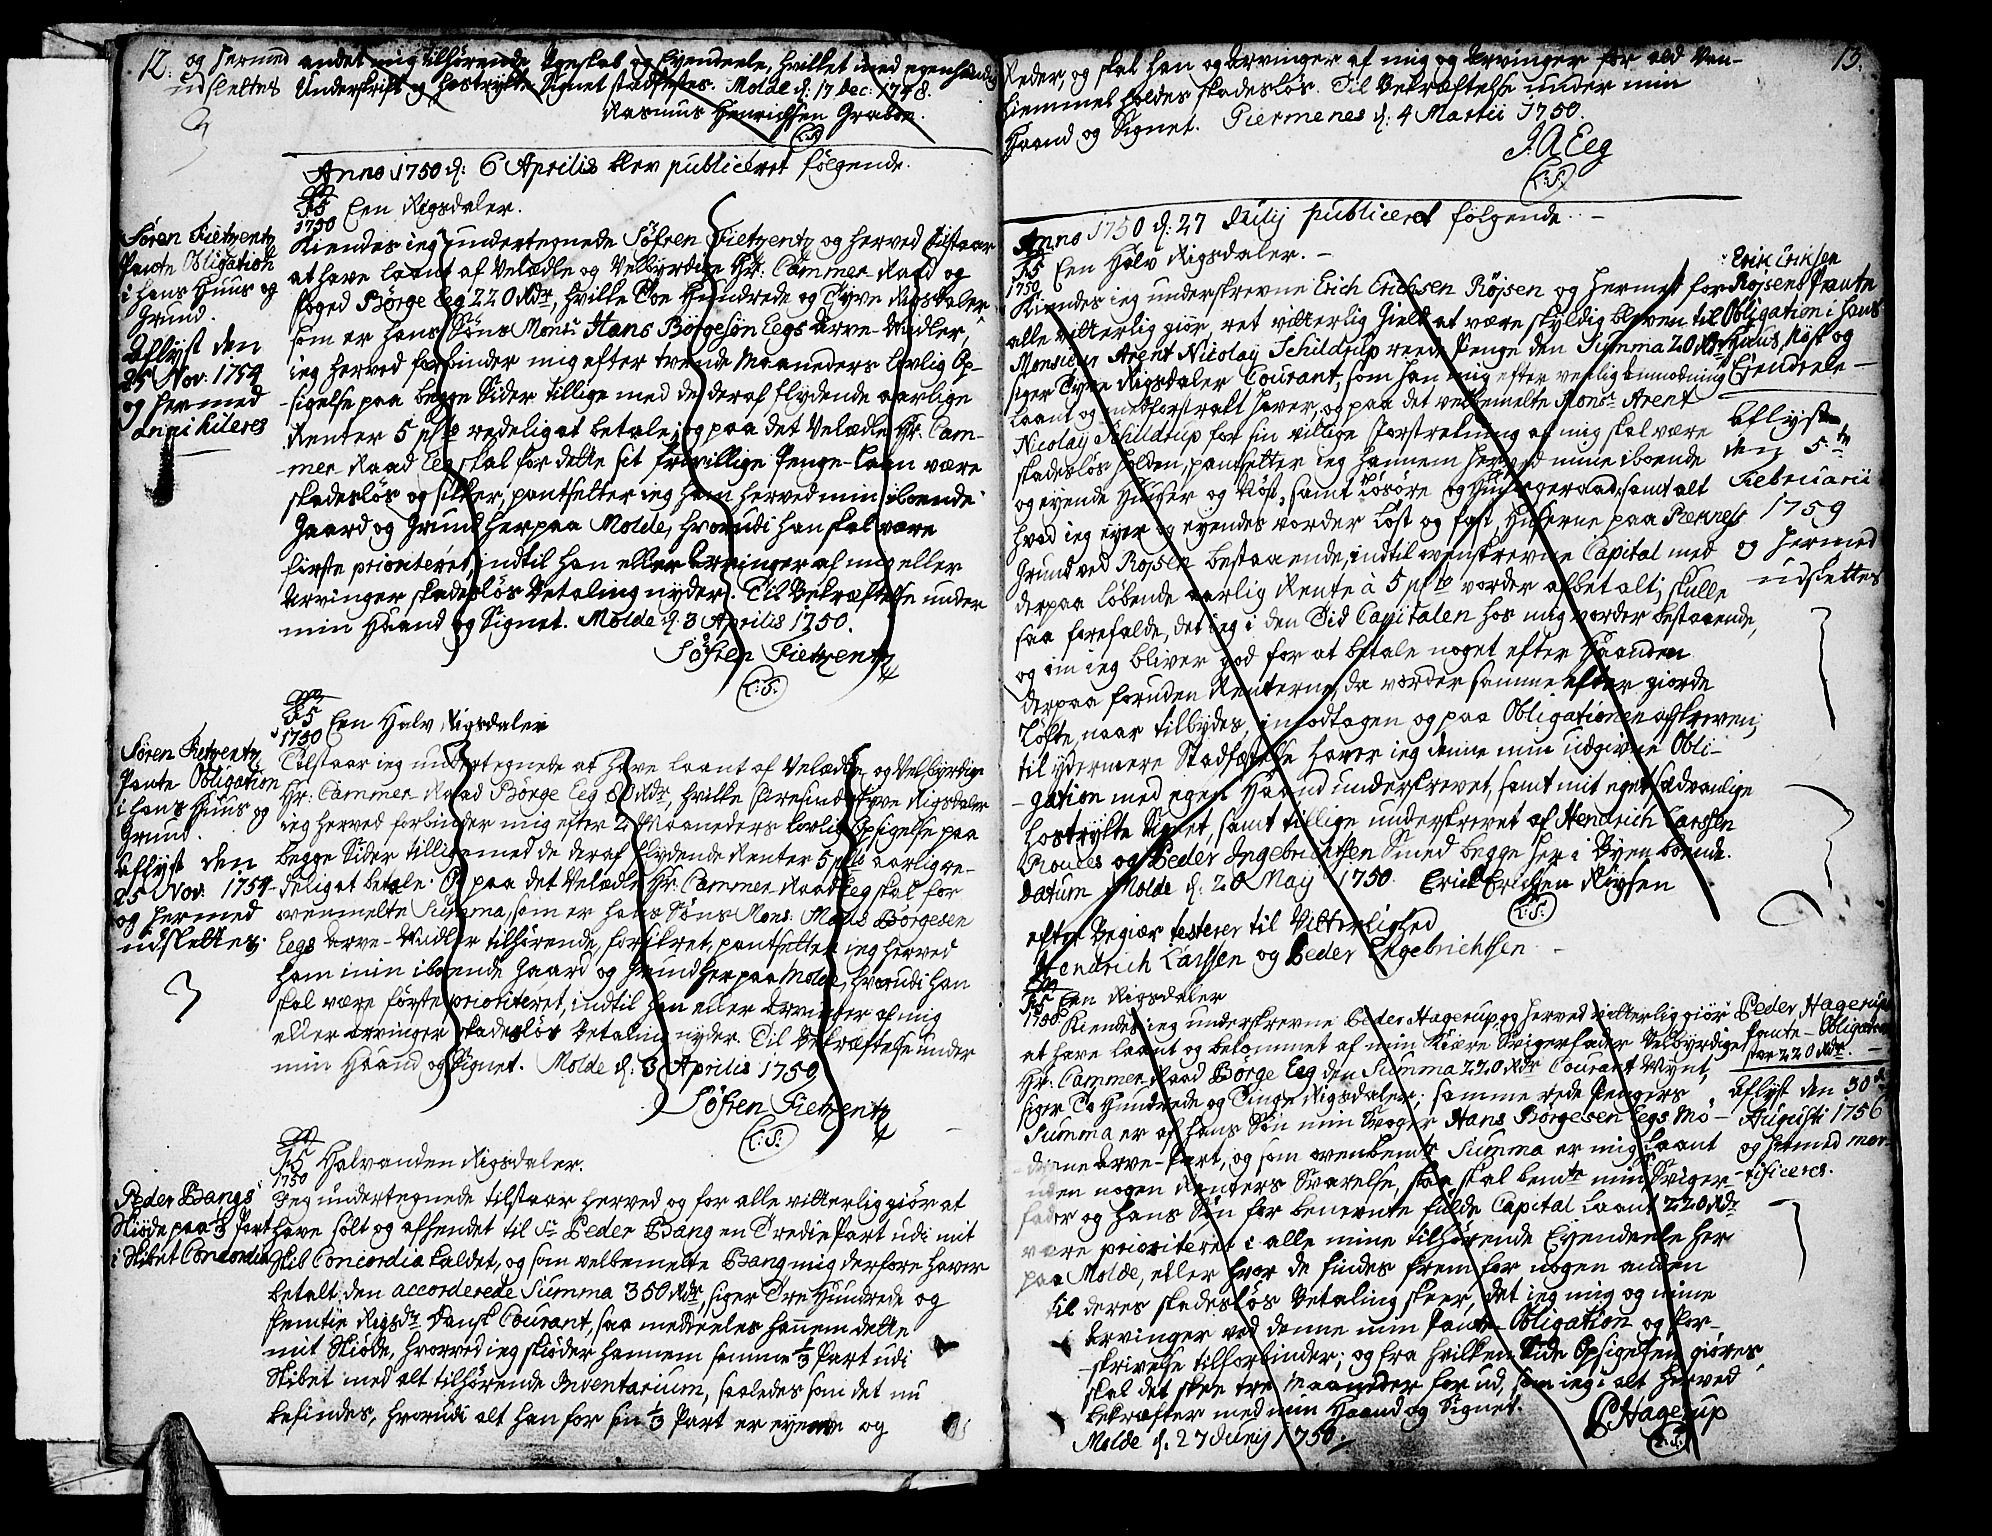 SAT, Molde byfogd, 2/2C/L0001: Pantebok nr. 1, 1748-1823, s. 12-13